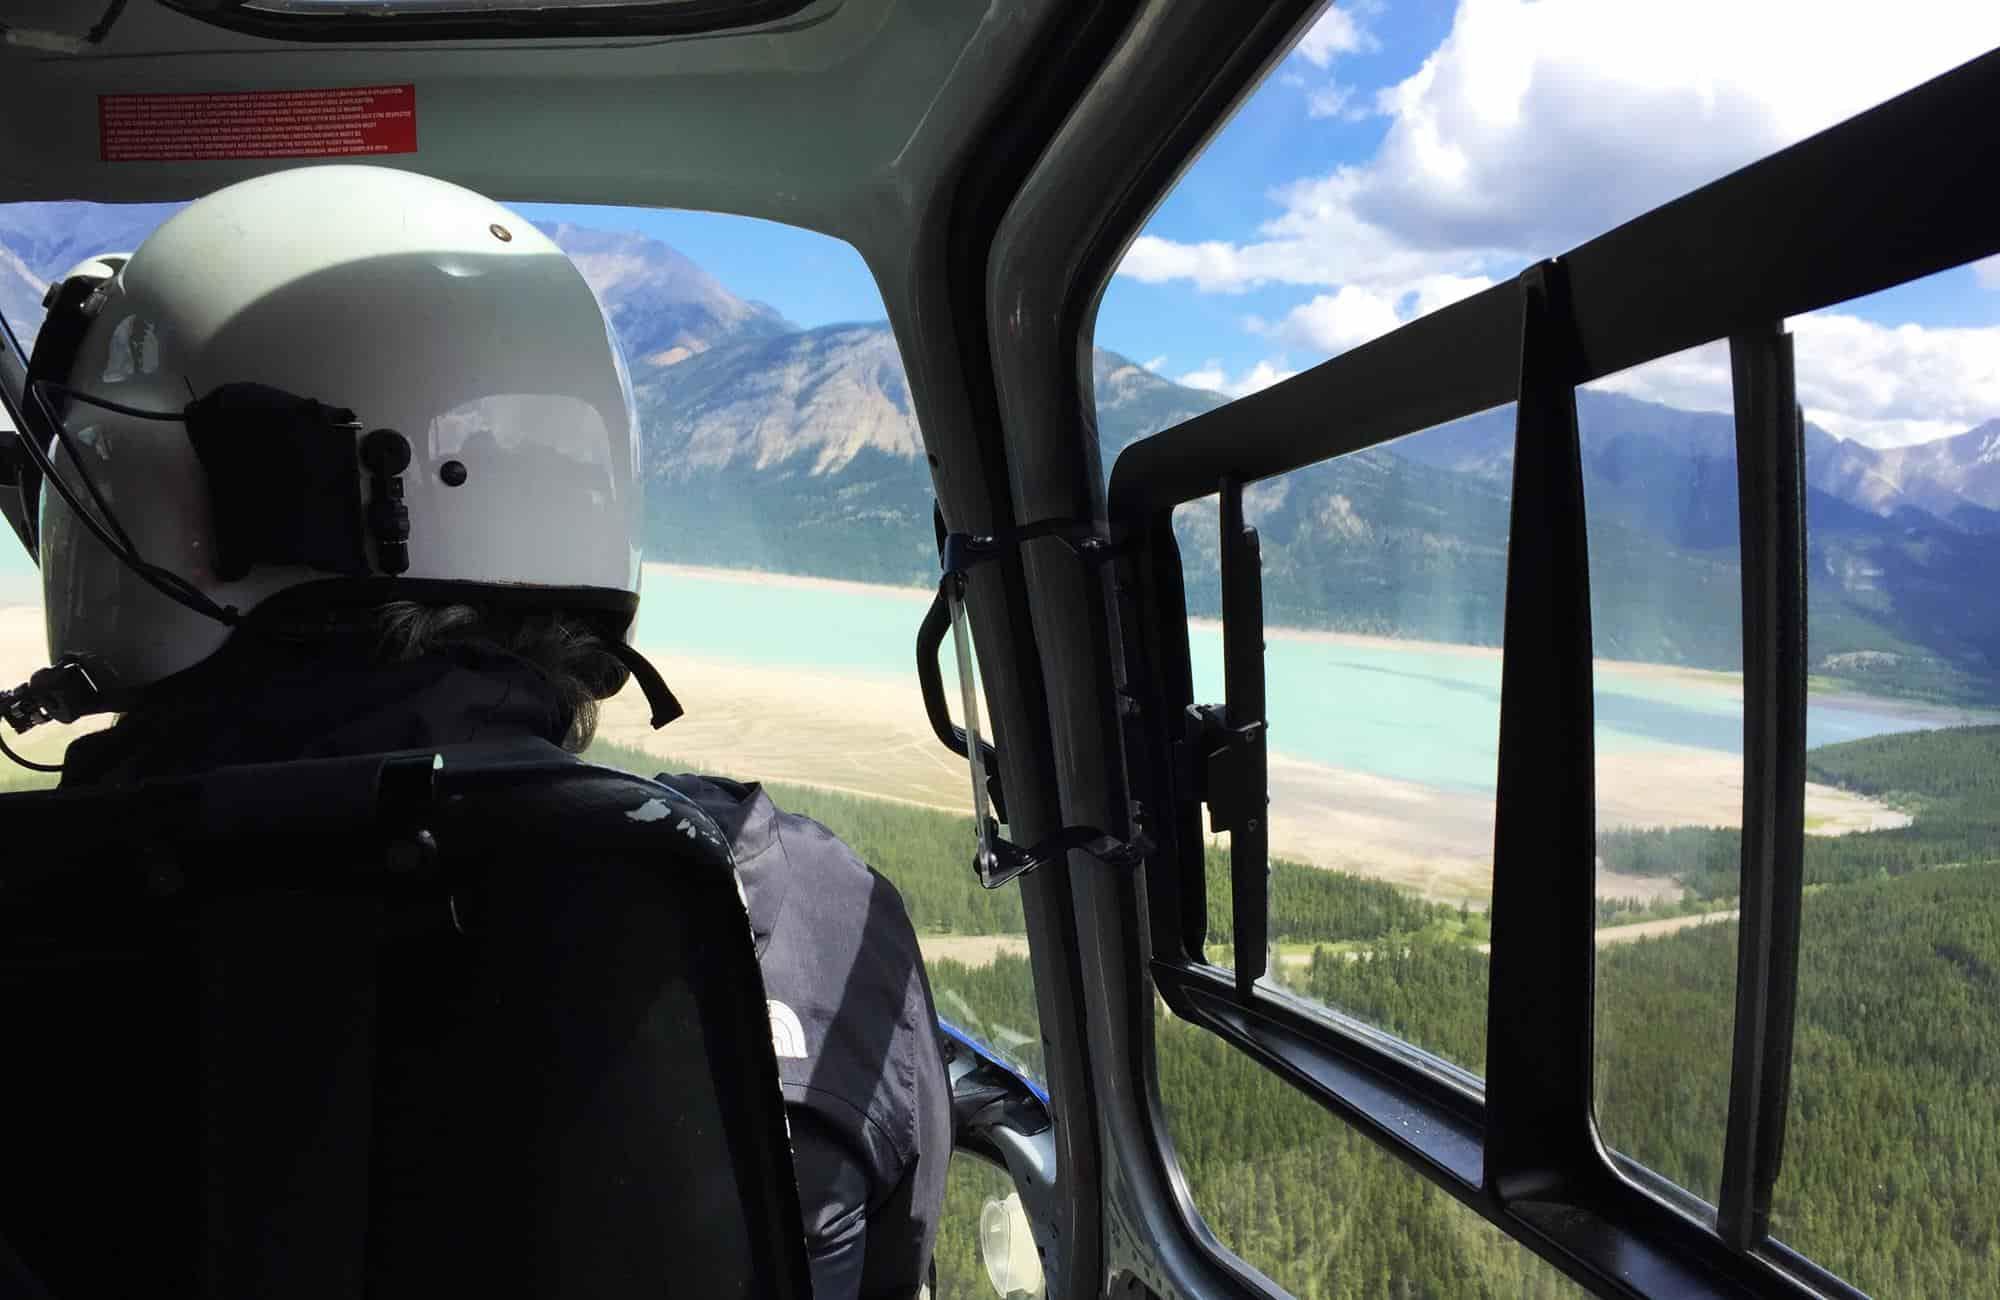 Voyage au Canada - Survol des Rocheuses en hélicoptère - Amplitudes